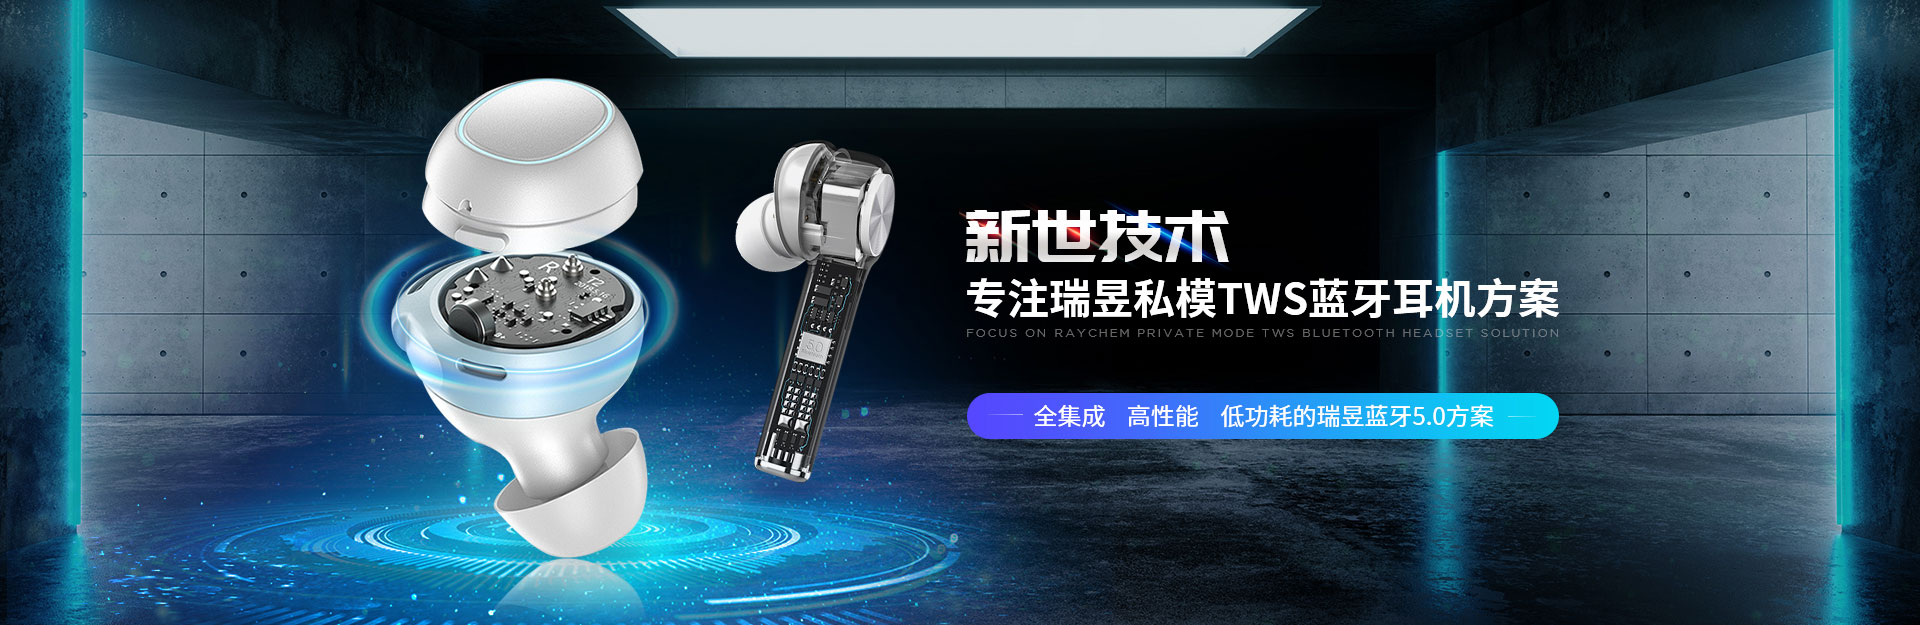 新世技术-专注瑞昱私模TWS蓝牙耳机方案